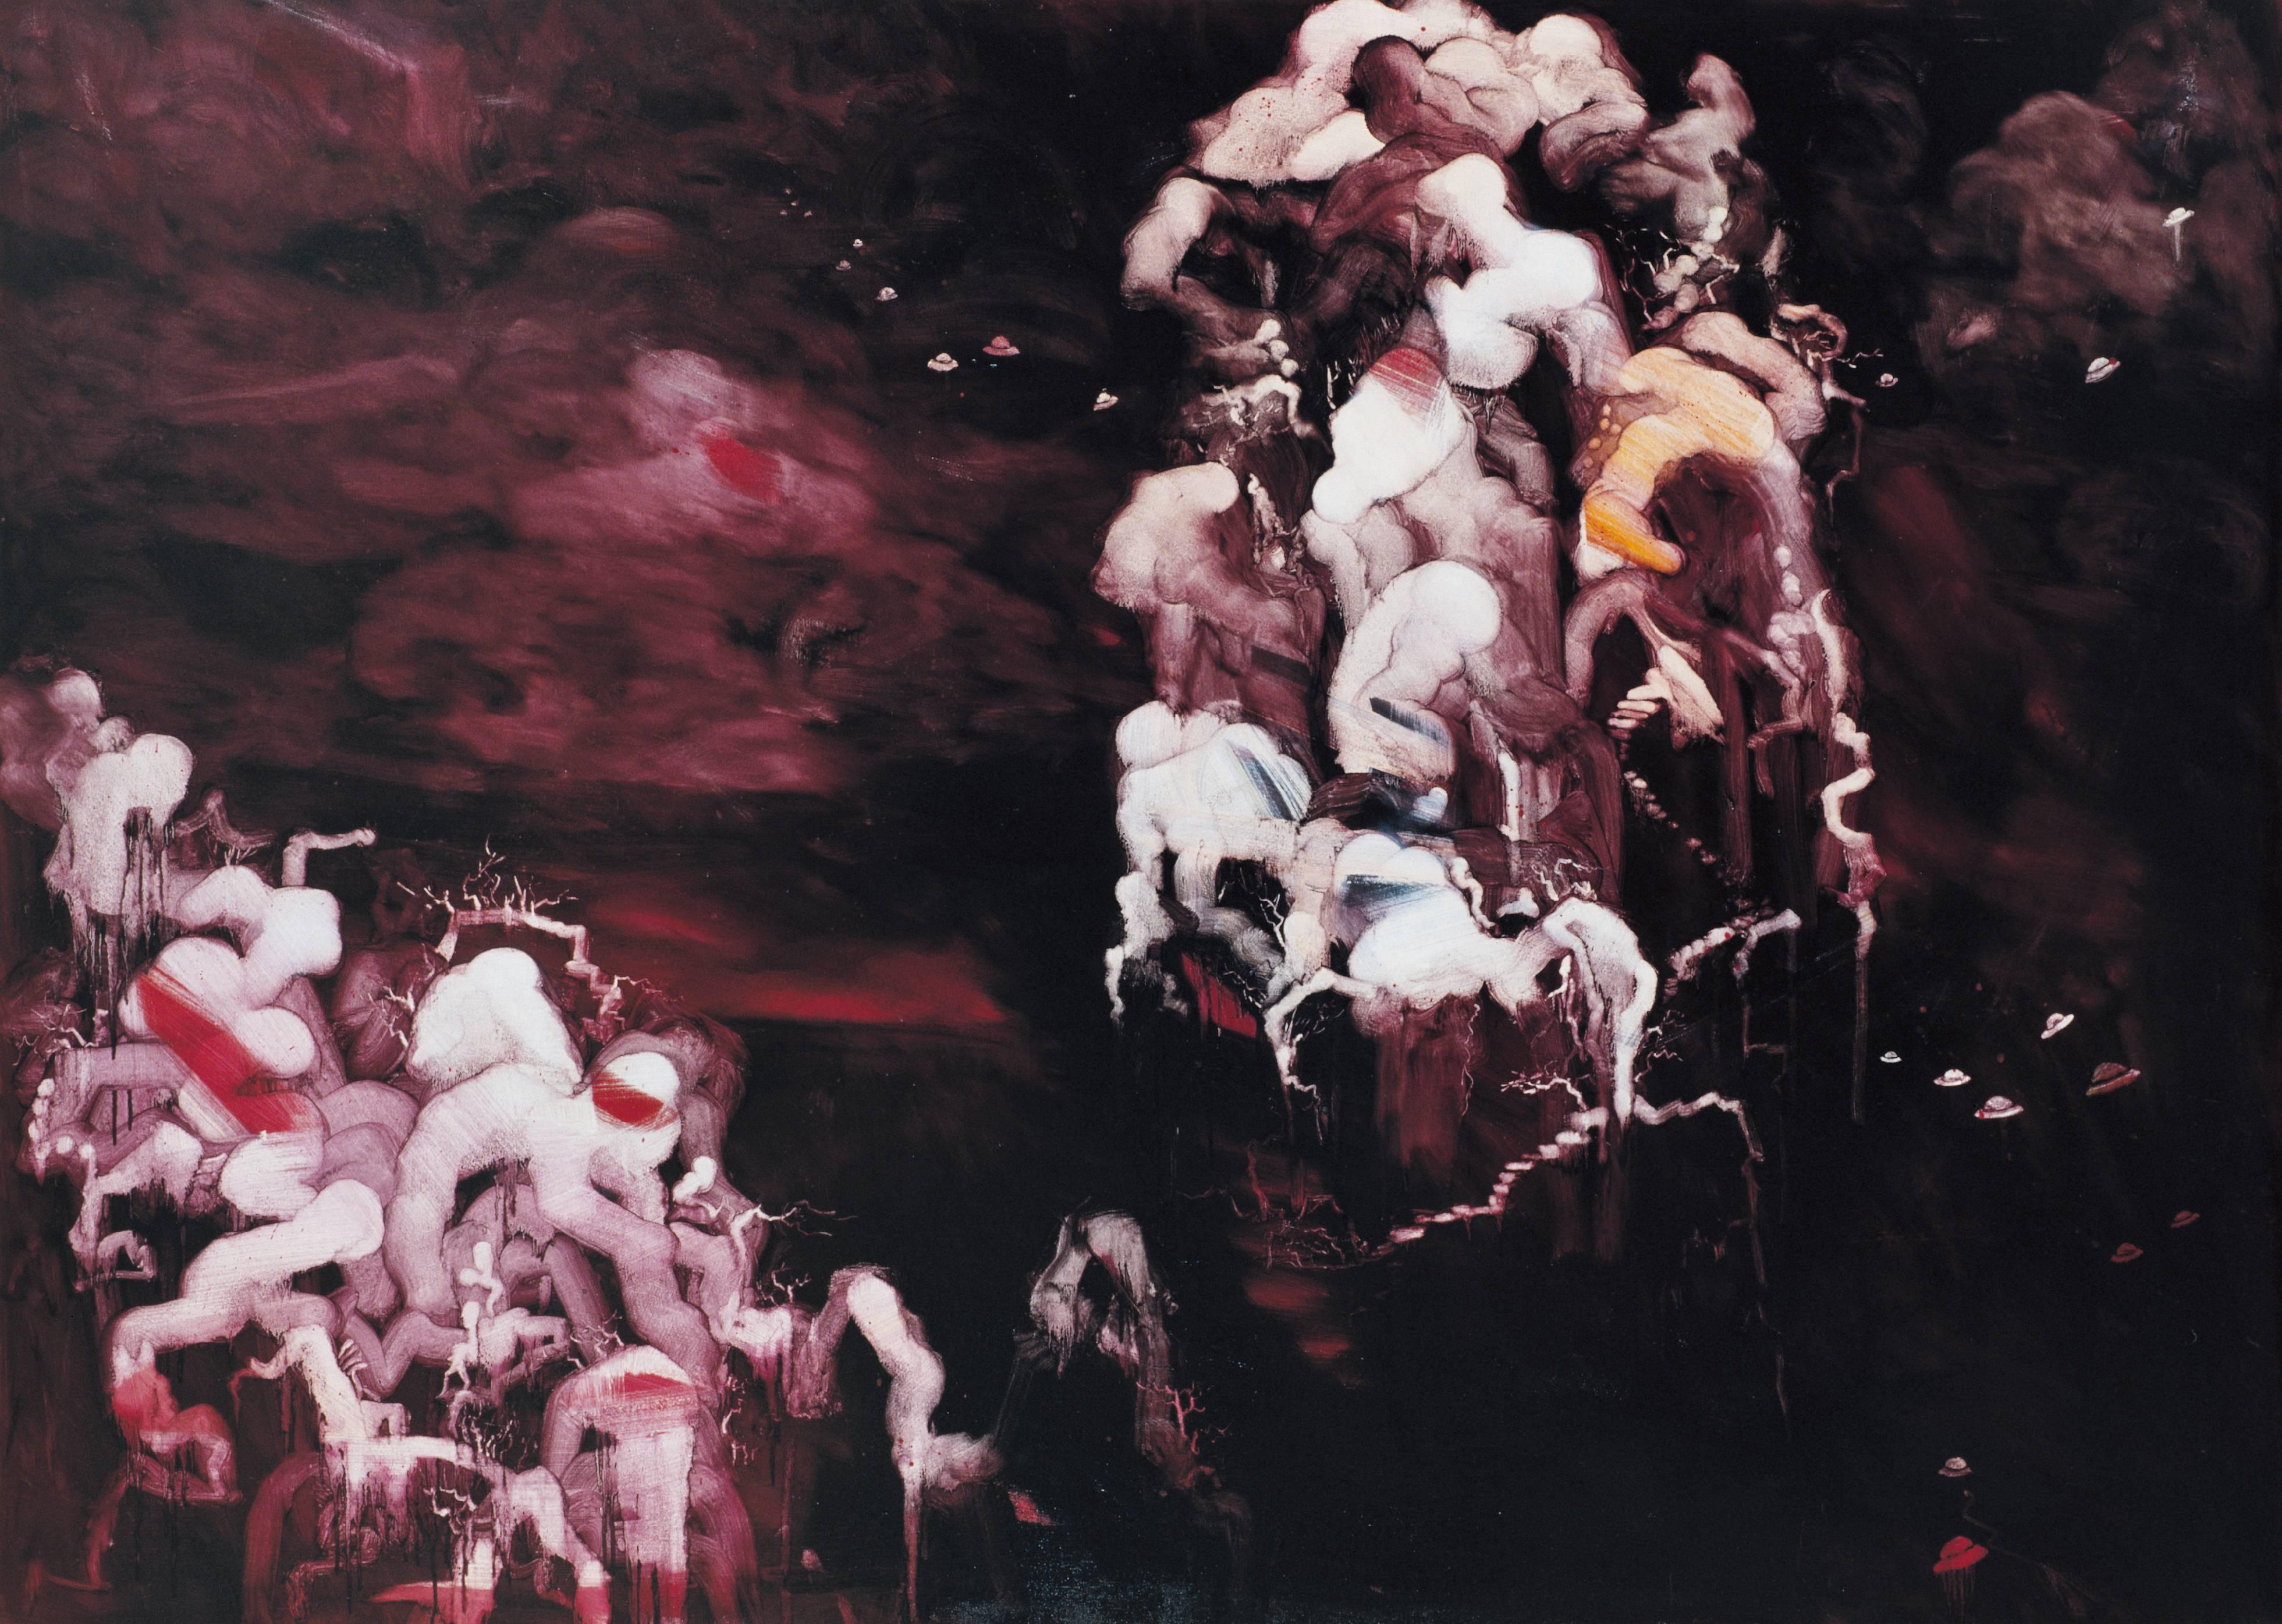 常陵|五花肉-肉山水-虎山求道圖|2007|油彩|182x227cm